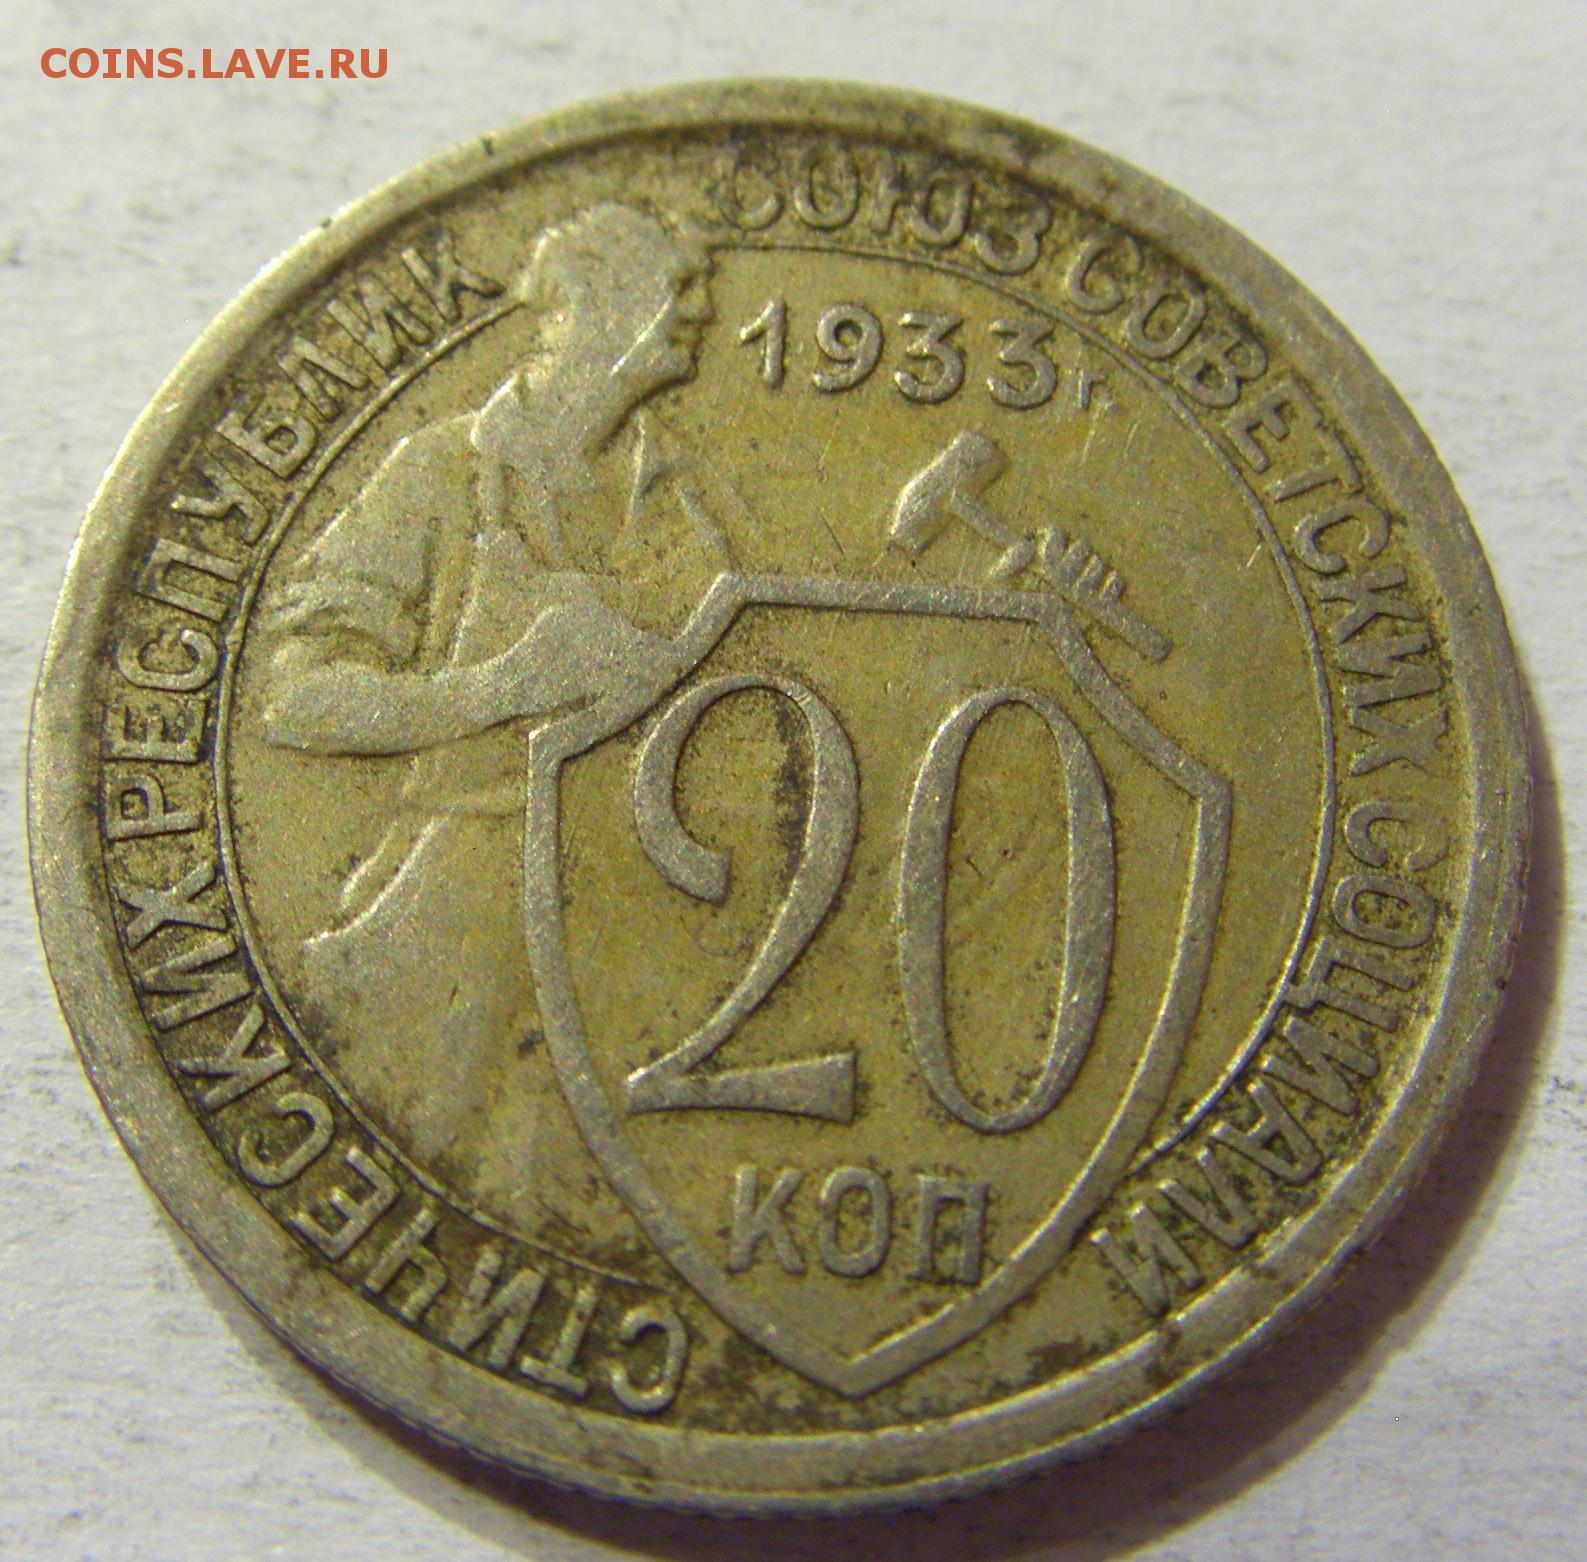 какая цена 20 копеек 1933 года делают